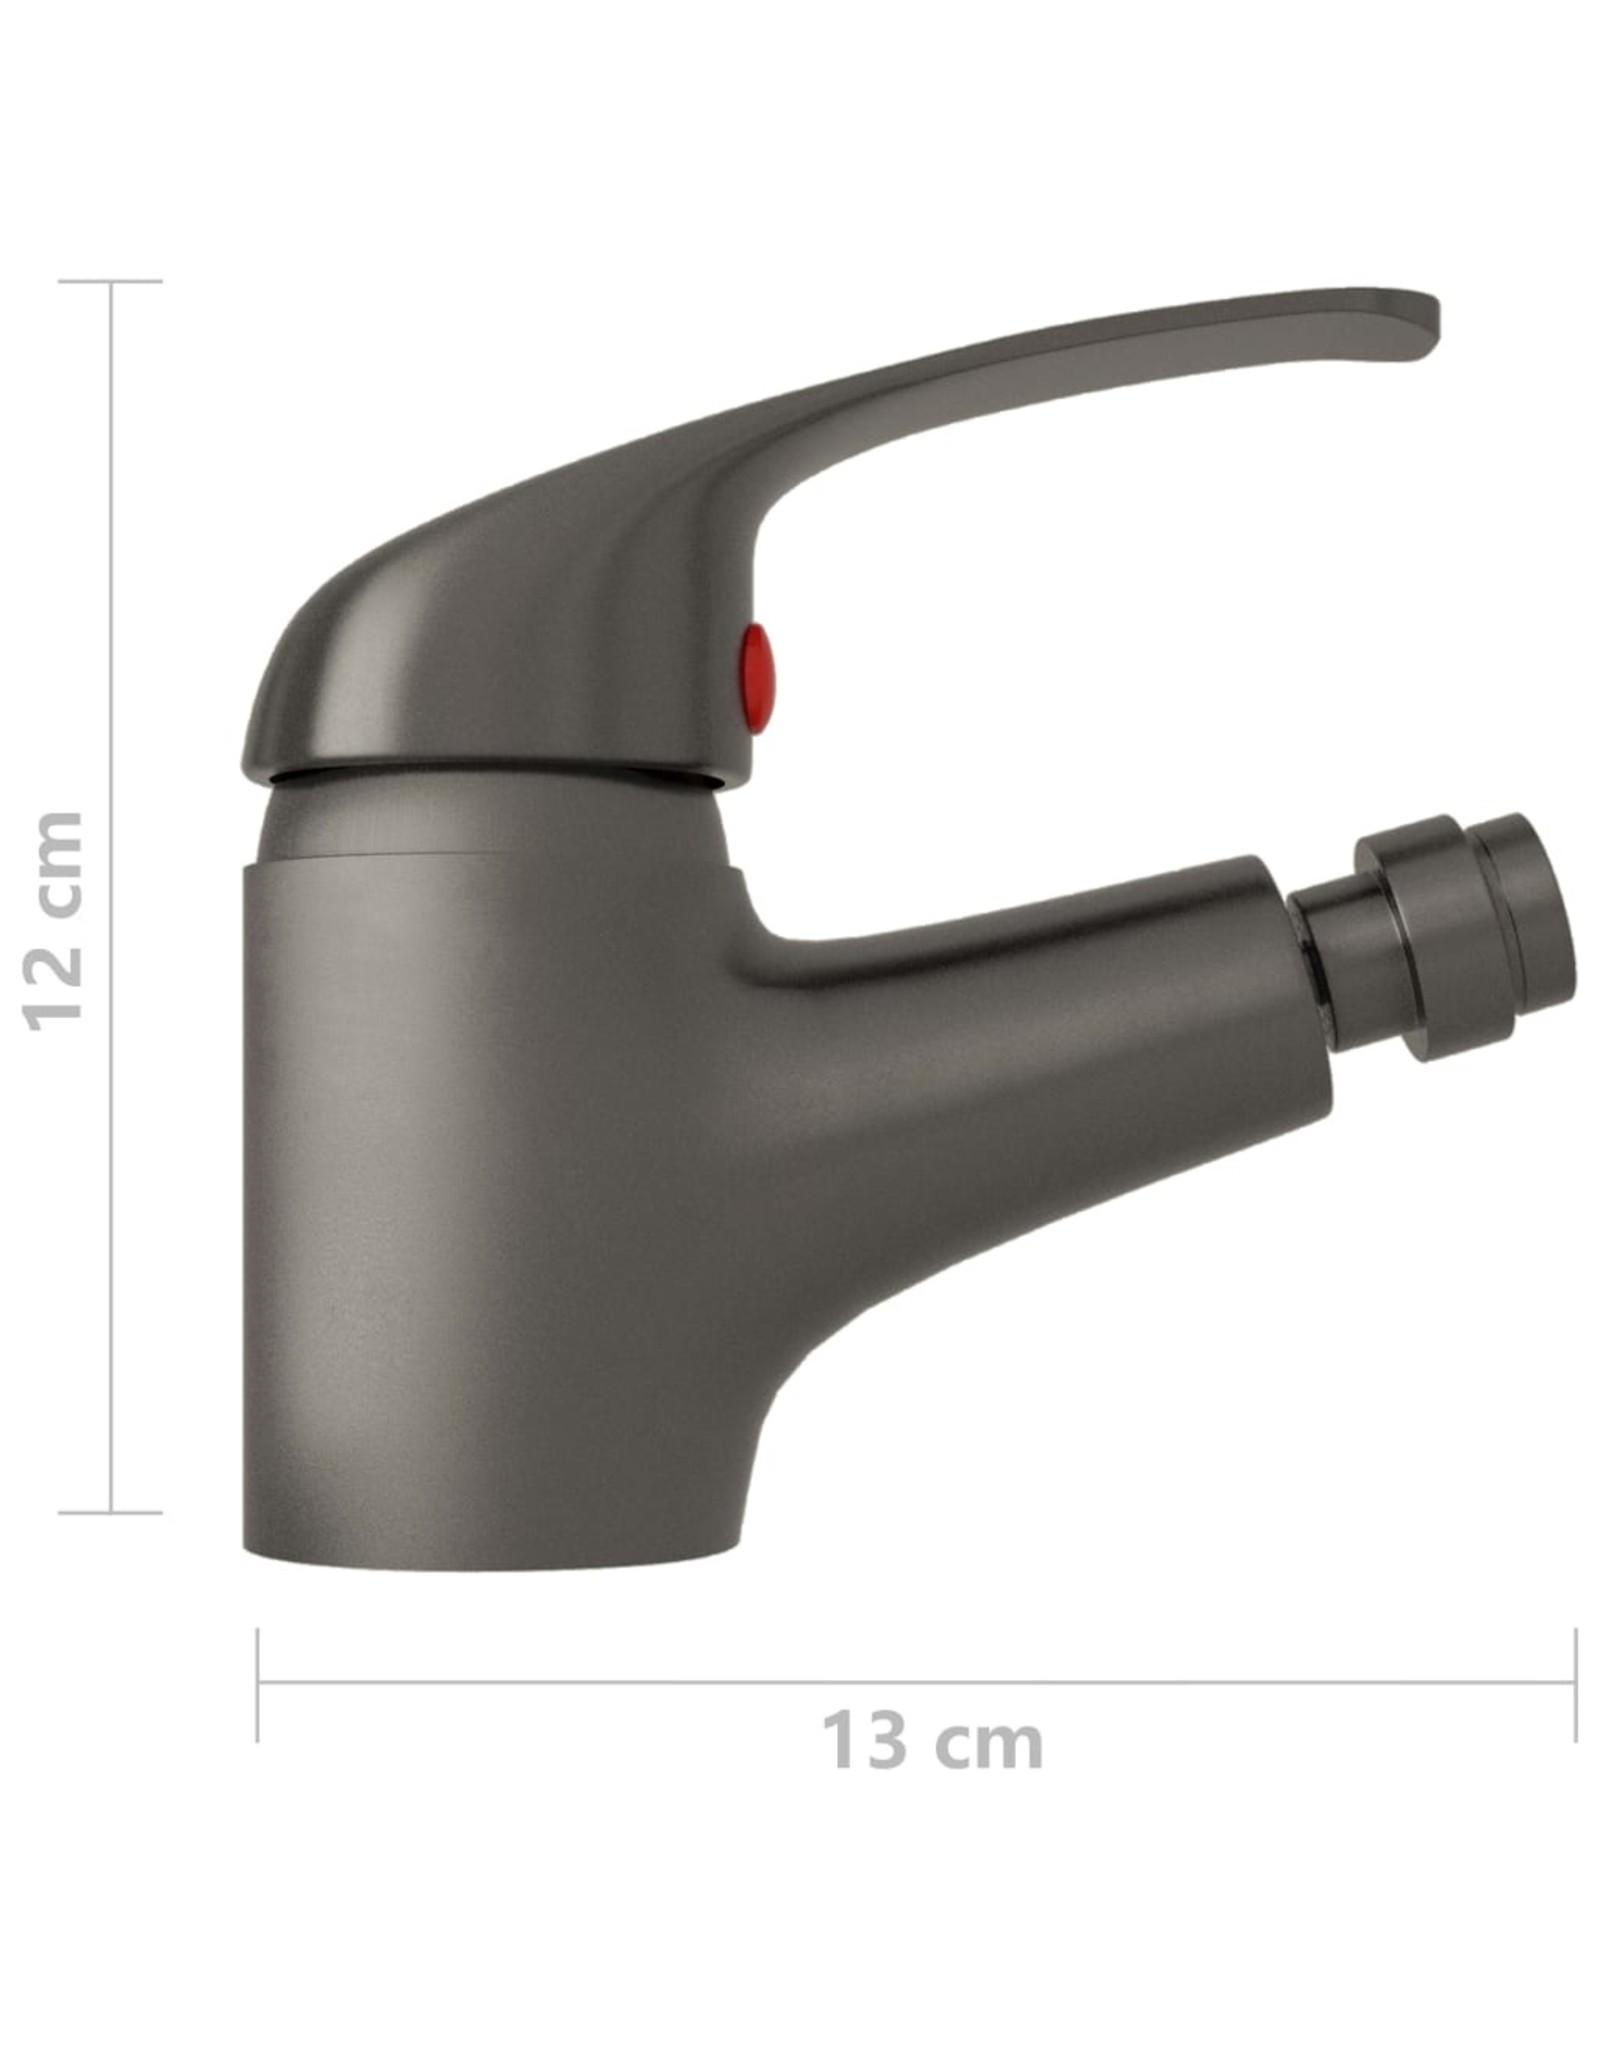 Bidetkraan 13x12 cm grijs